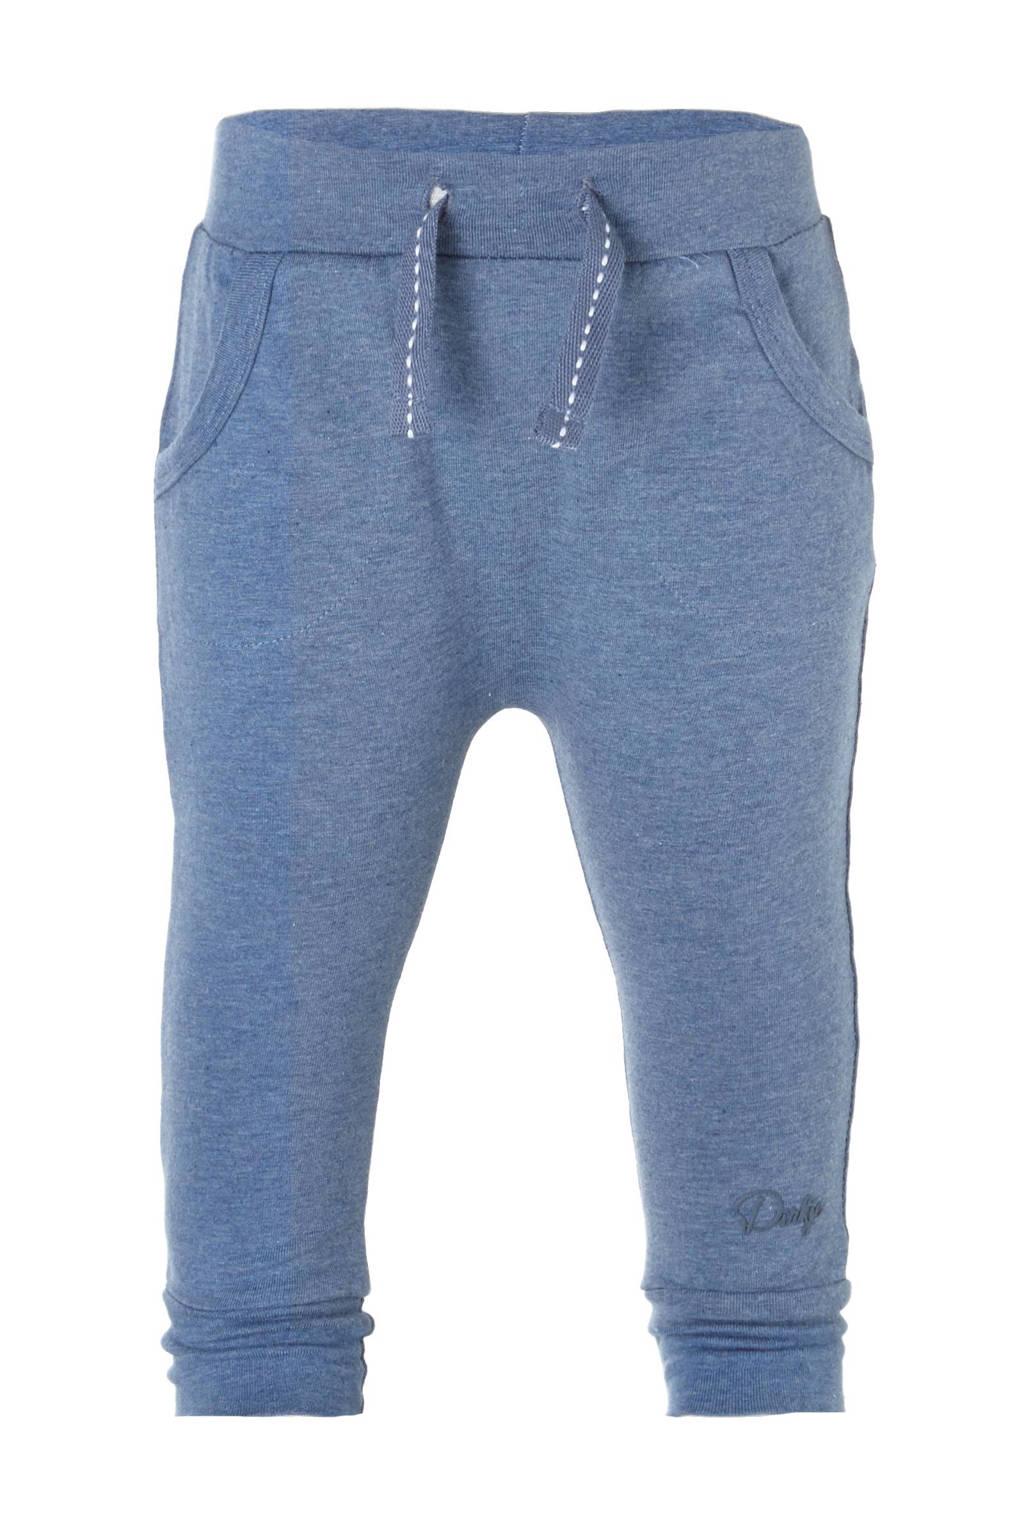 Dirkje   joggingbroek blauw melange